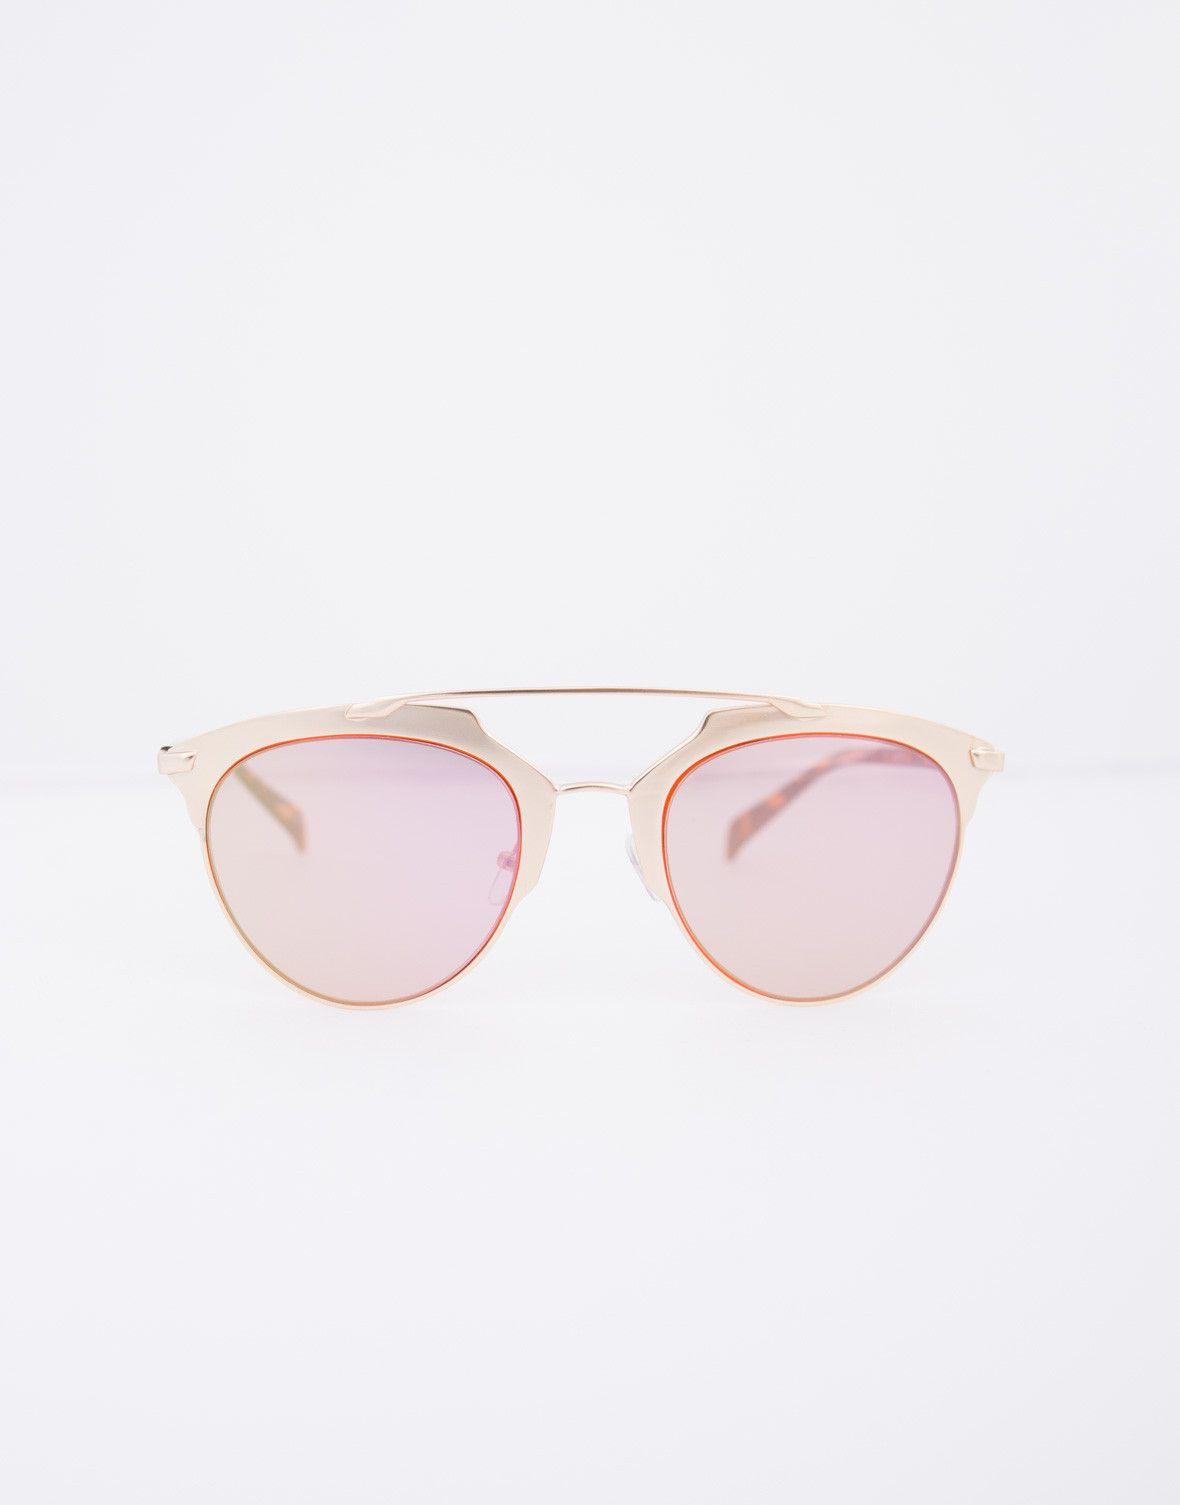 Oversized Mirrored Bar Sunglasses